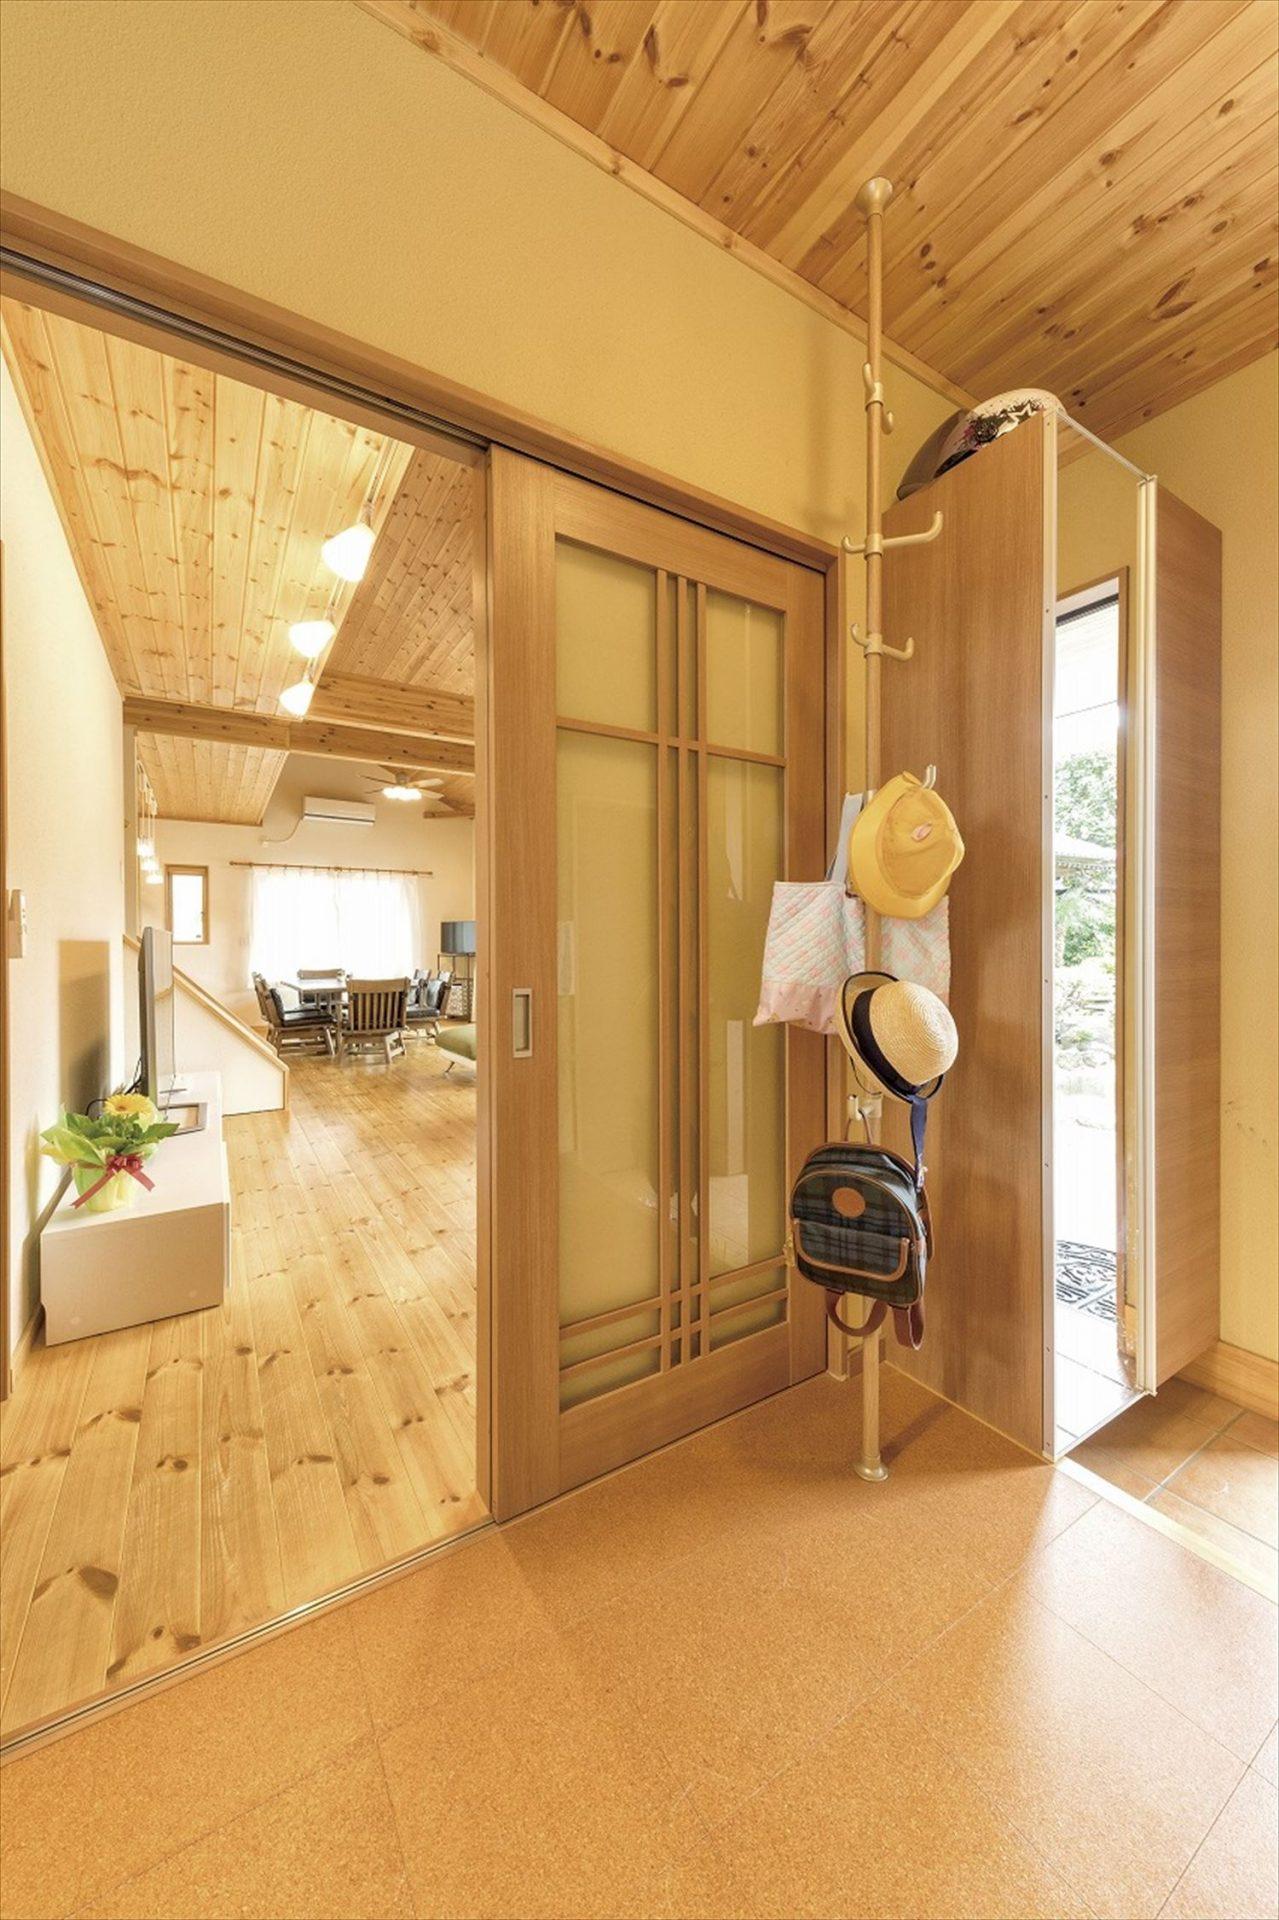 ナチュラルモダン二階建ての玄関ホール|行方市の注文住宅,ログハウスのような木の家を低価格で建てるならエイ・ワン